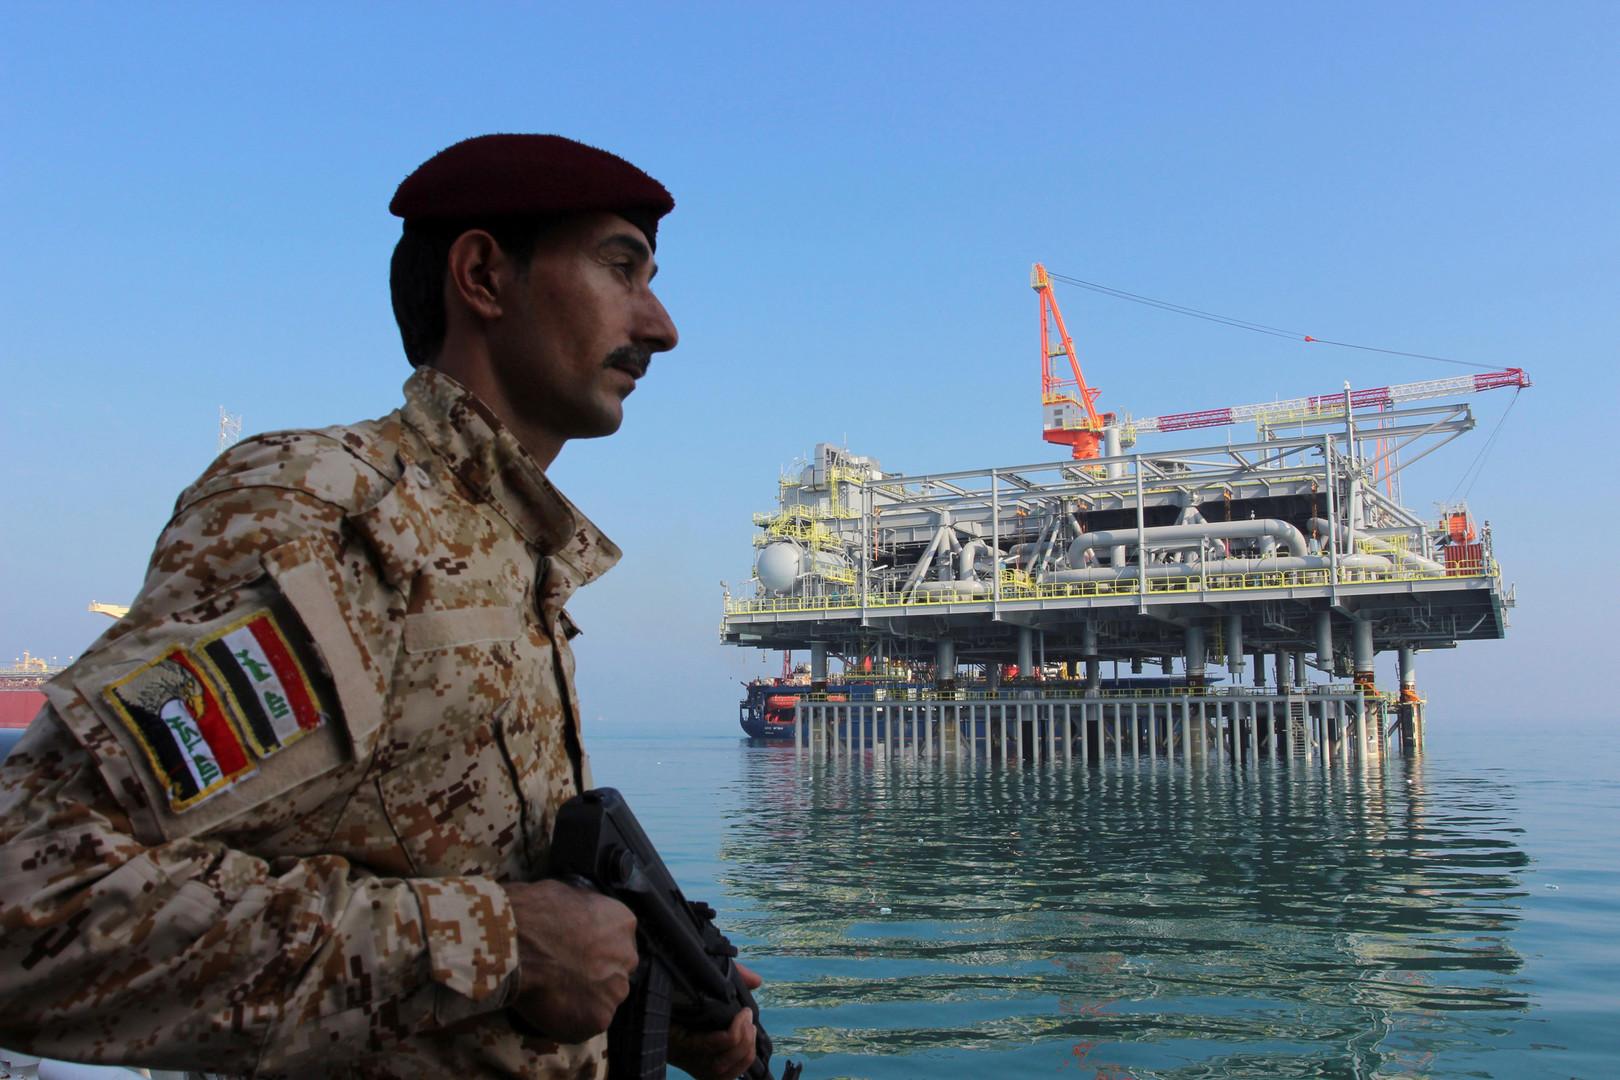 تركيا تعلق استيراد النفط الإيراني التزاما بعقوبات واشنطن